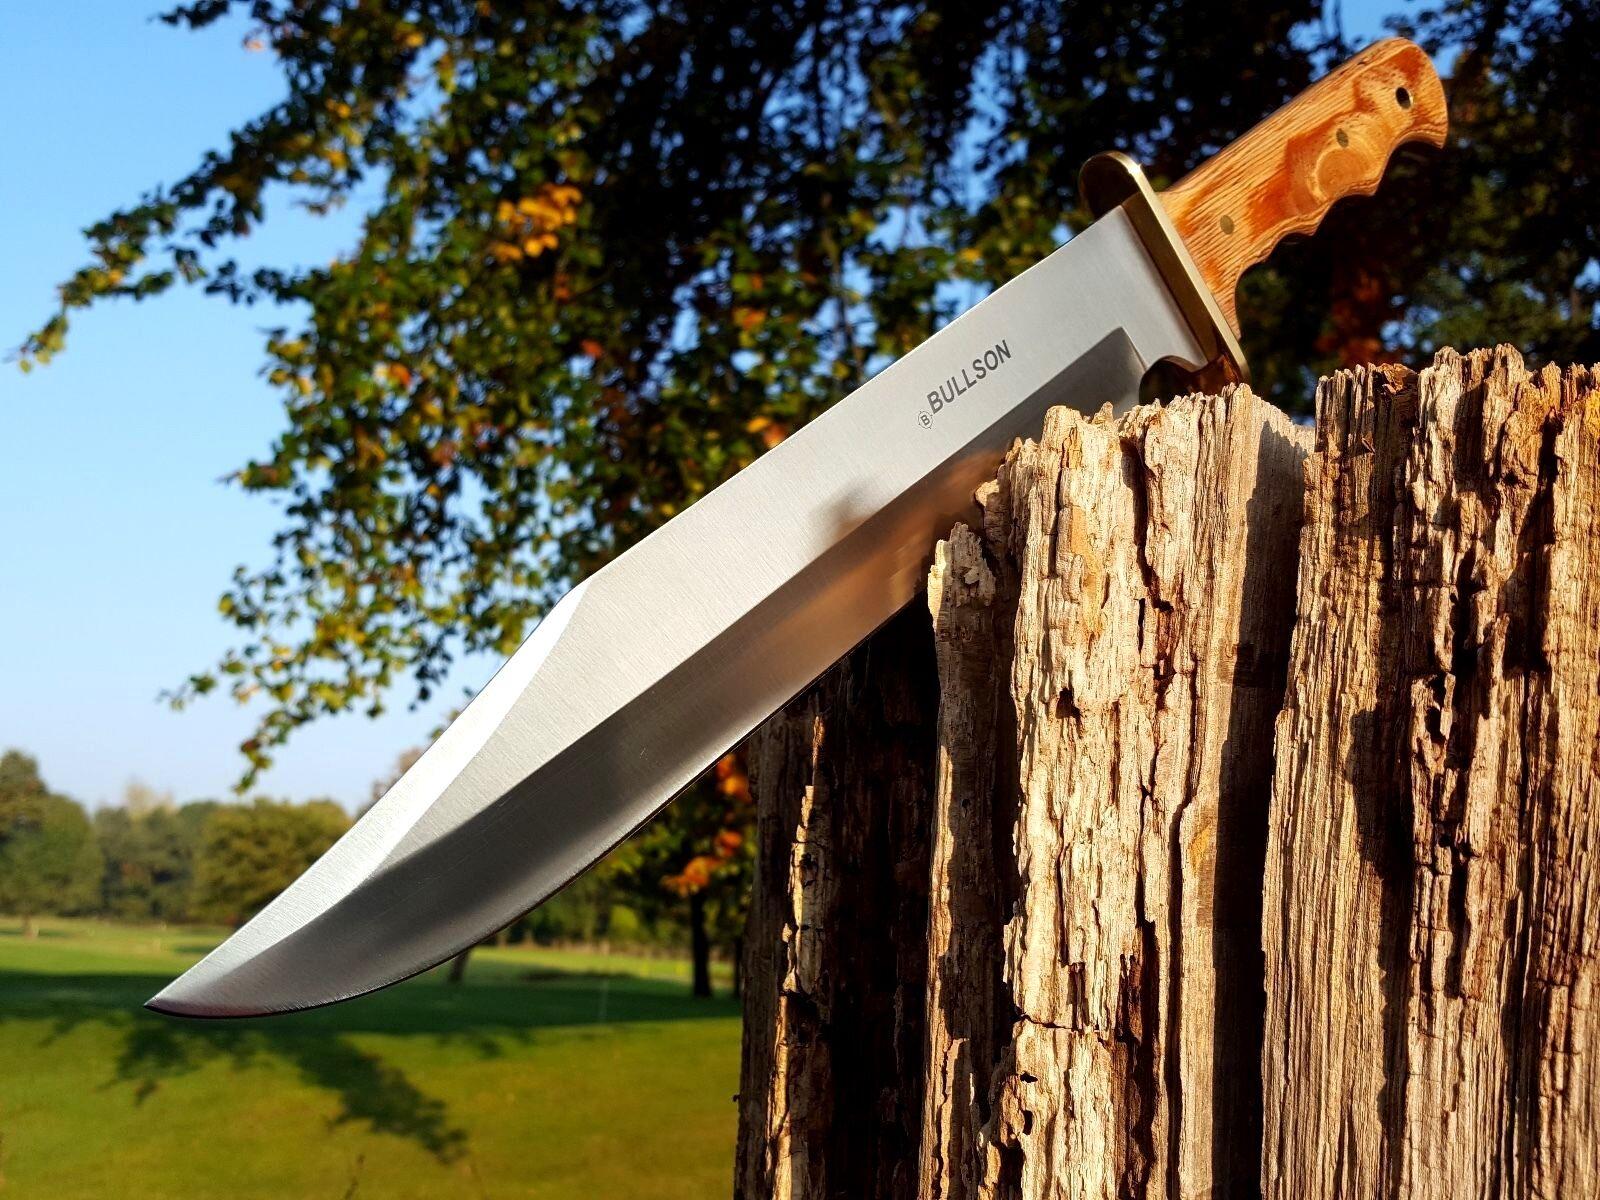 BULLSON USA JAGDMESSER BOWIE KNIFE BUSCHMESSER MACHETE MACHETTE MACETE MESSER